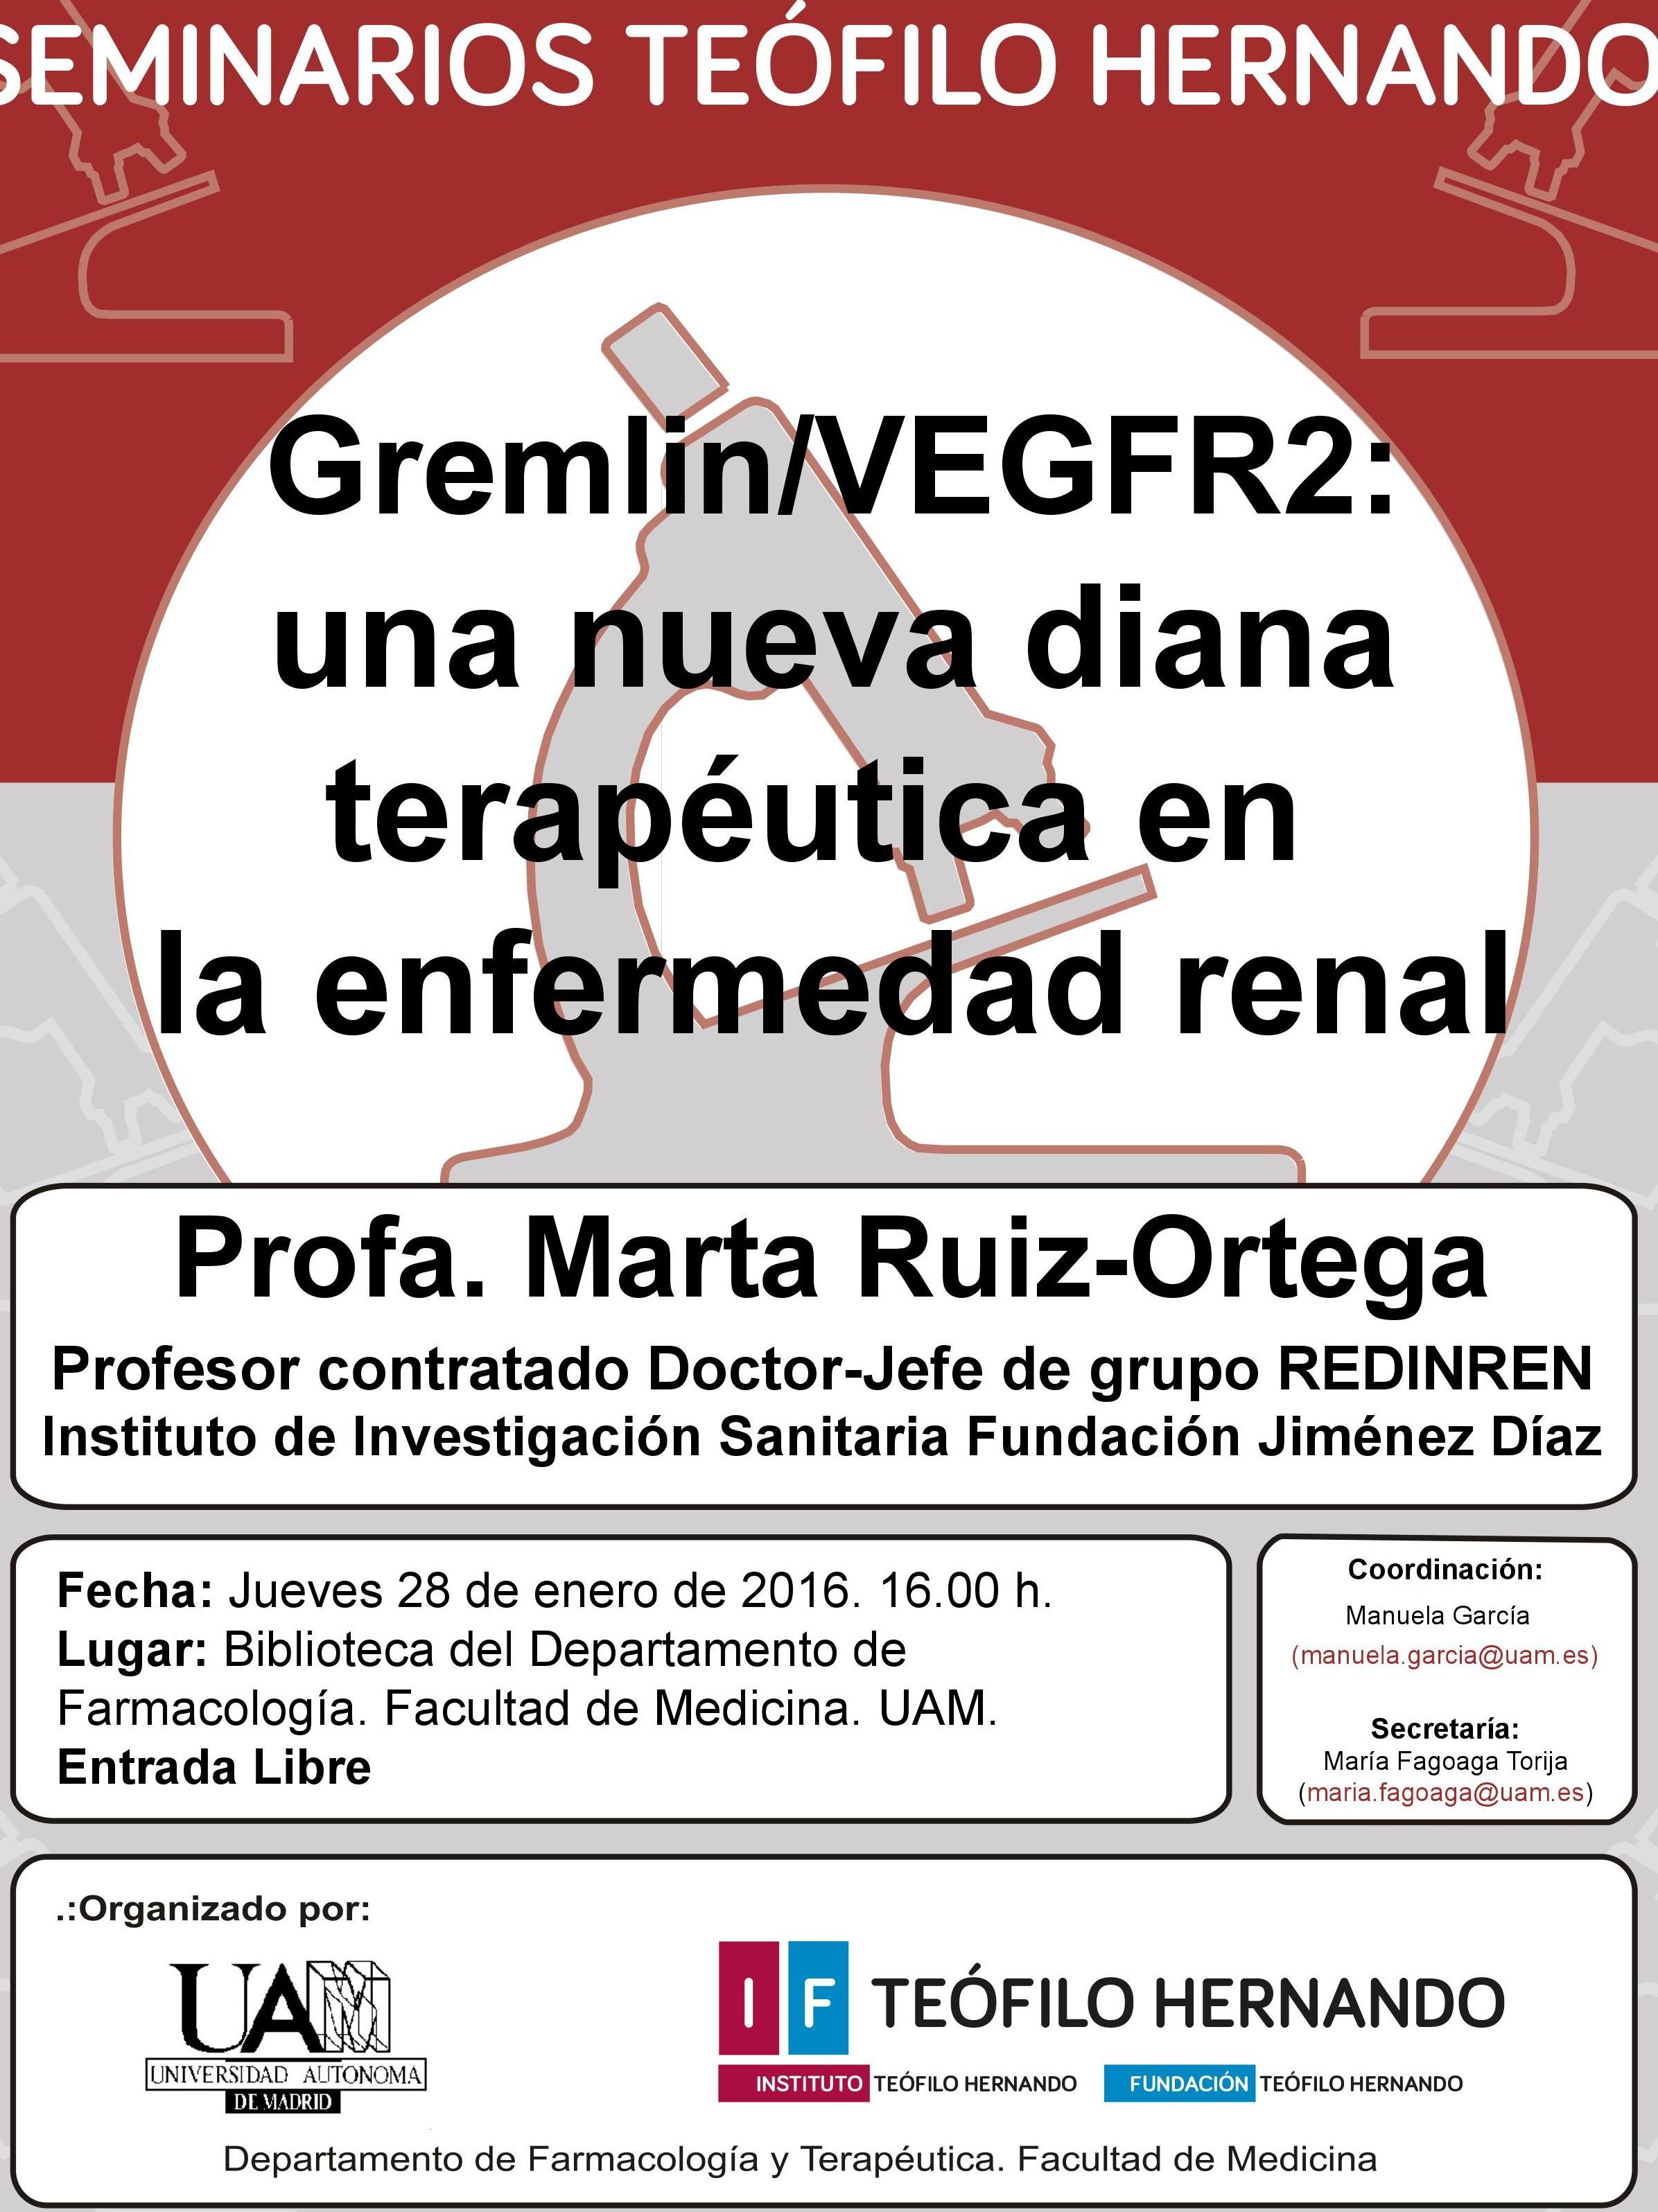 SEMINARIO TH-28 enero 2016 -Marta Ruiz-Ortega